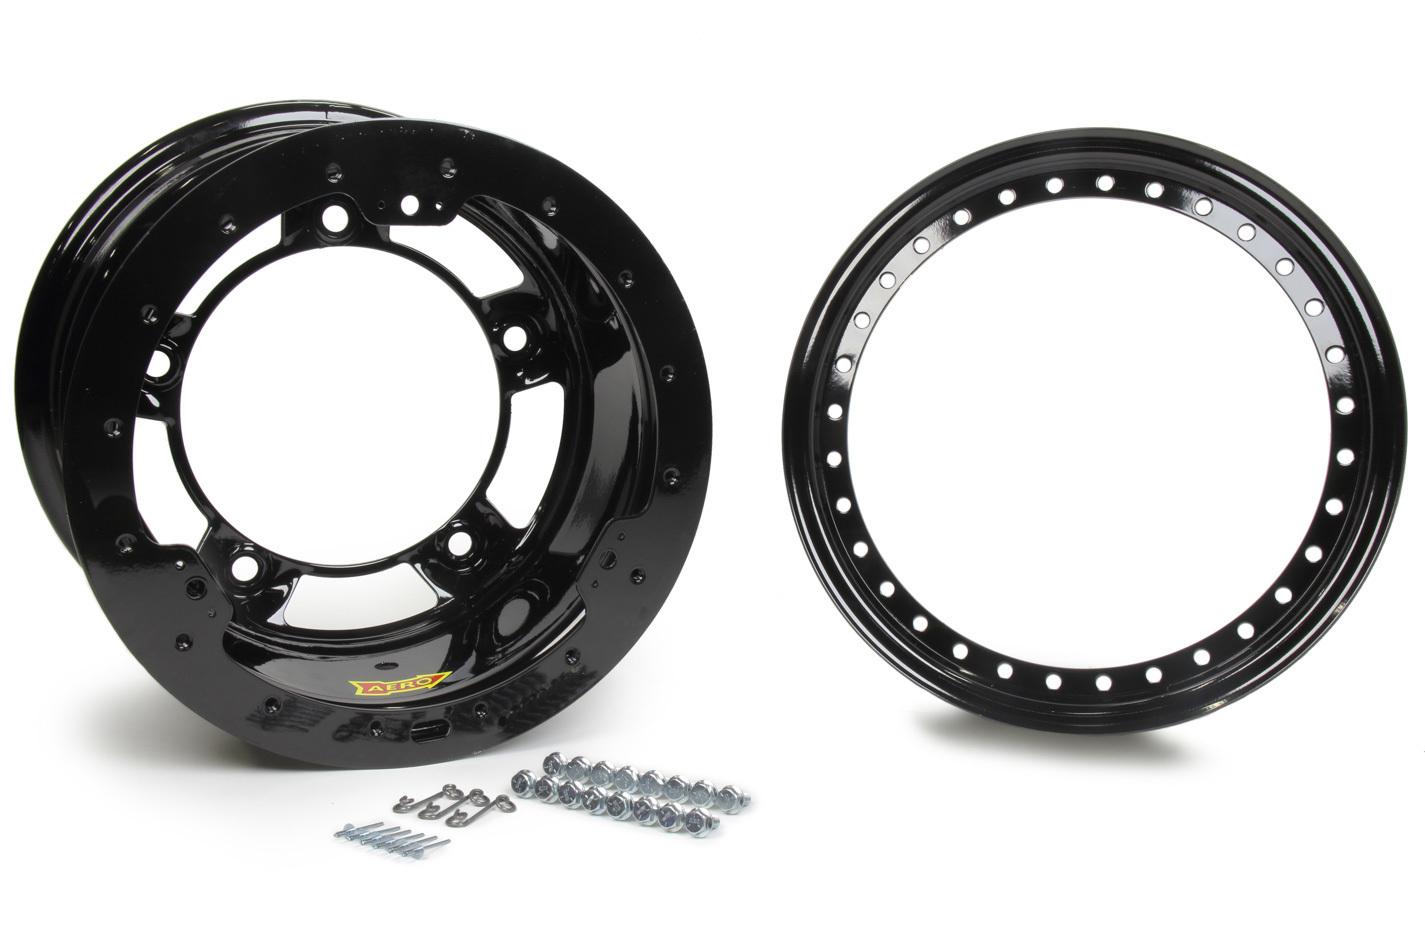 Aero Race Wheels 53-100550B Wheel, 53-Series, 15 x 10 in, 5.000 in Backspace, Wide 5 Bolt Pattern, Beadlock, Steel, Black Powder Coat, Each